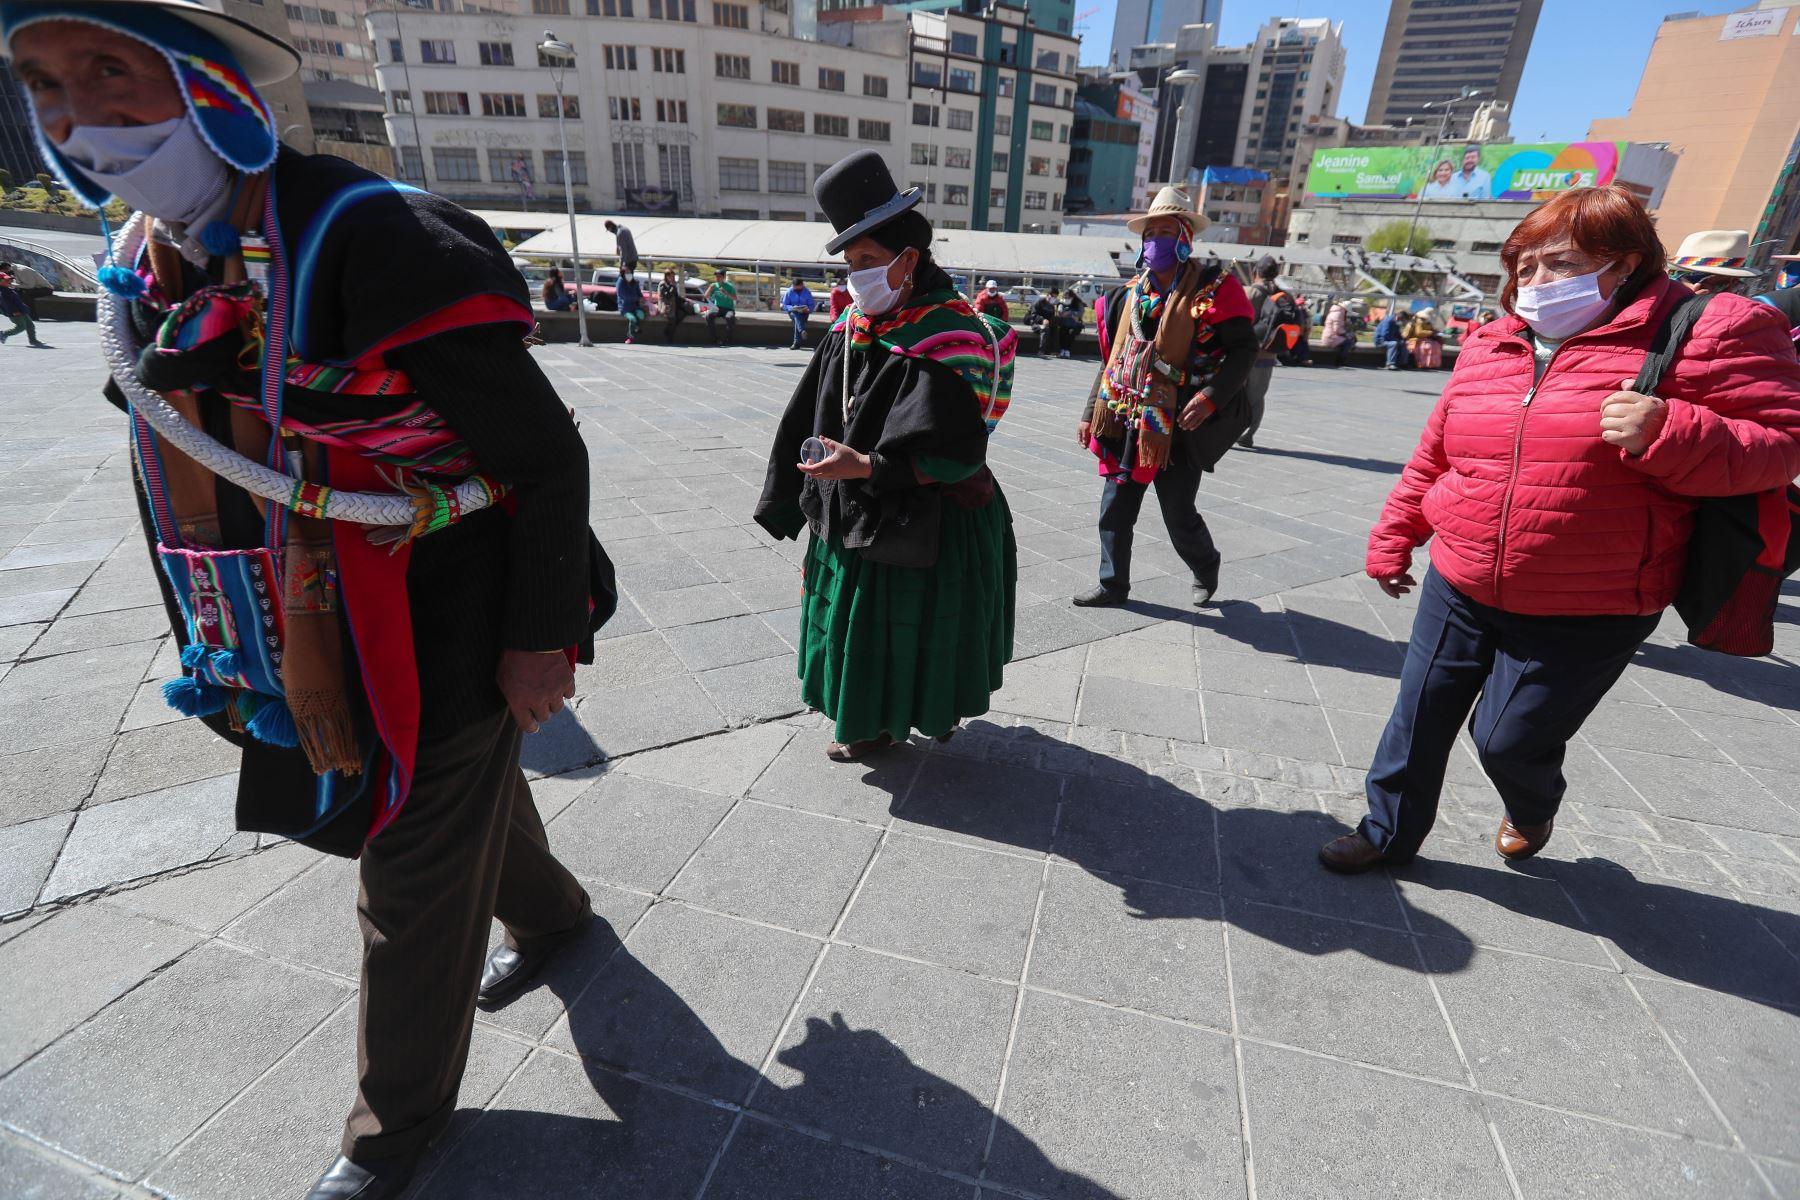 Indígenas aymaras caminan en una plaza este jueves, a tres meses de la cuarentena decretada por la pandemia de covid-19, en La Paz (Bolivia). Foto: EFE